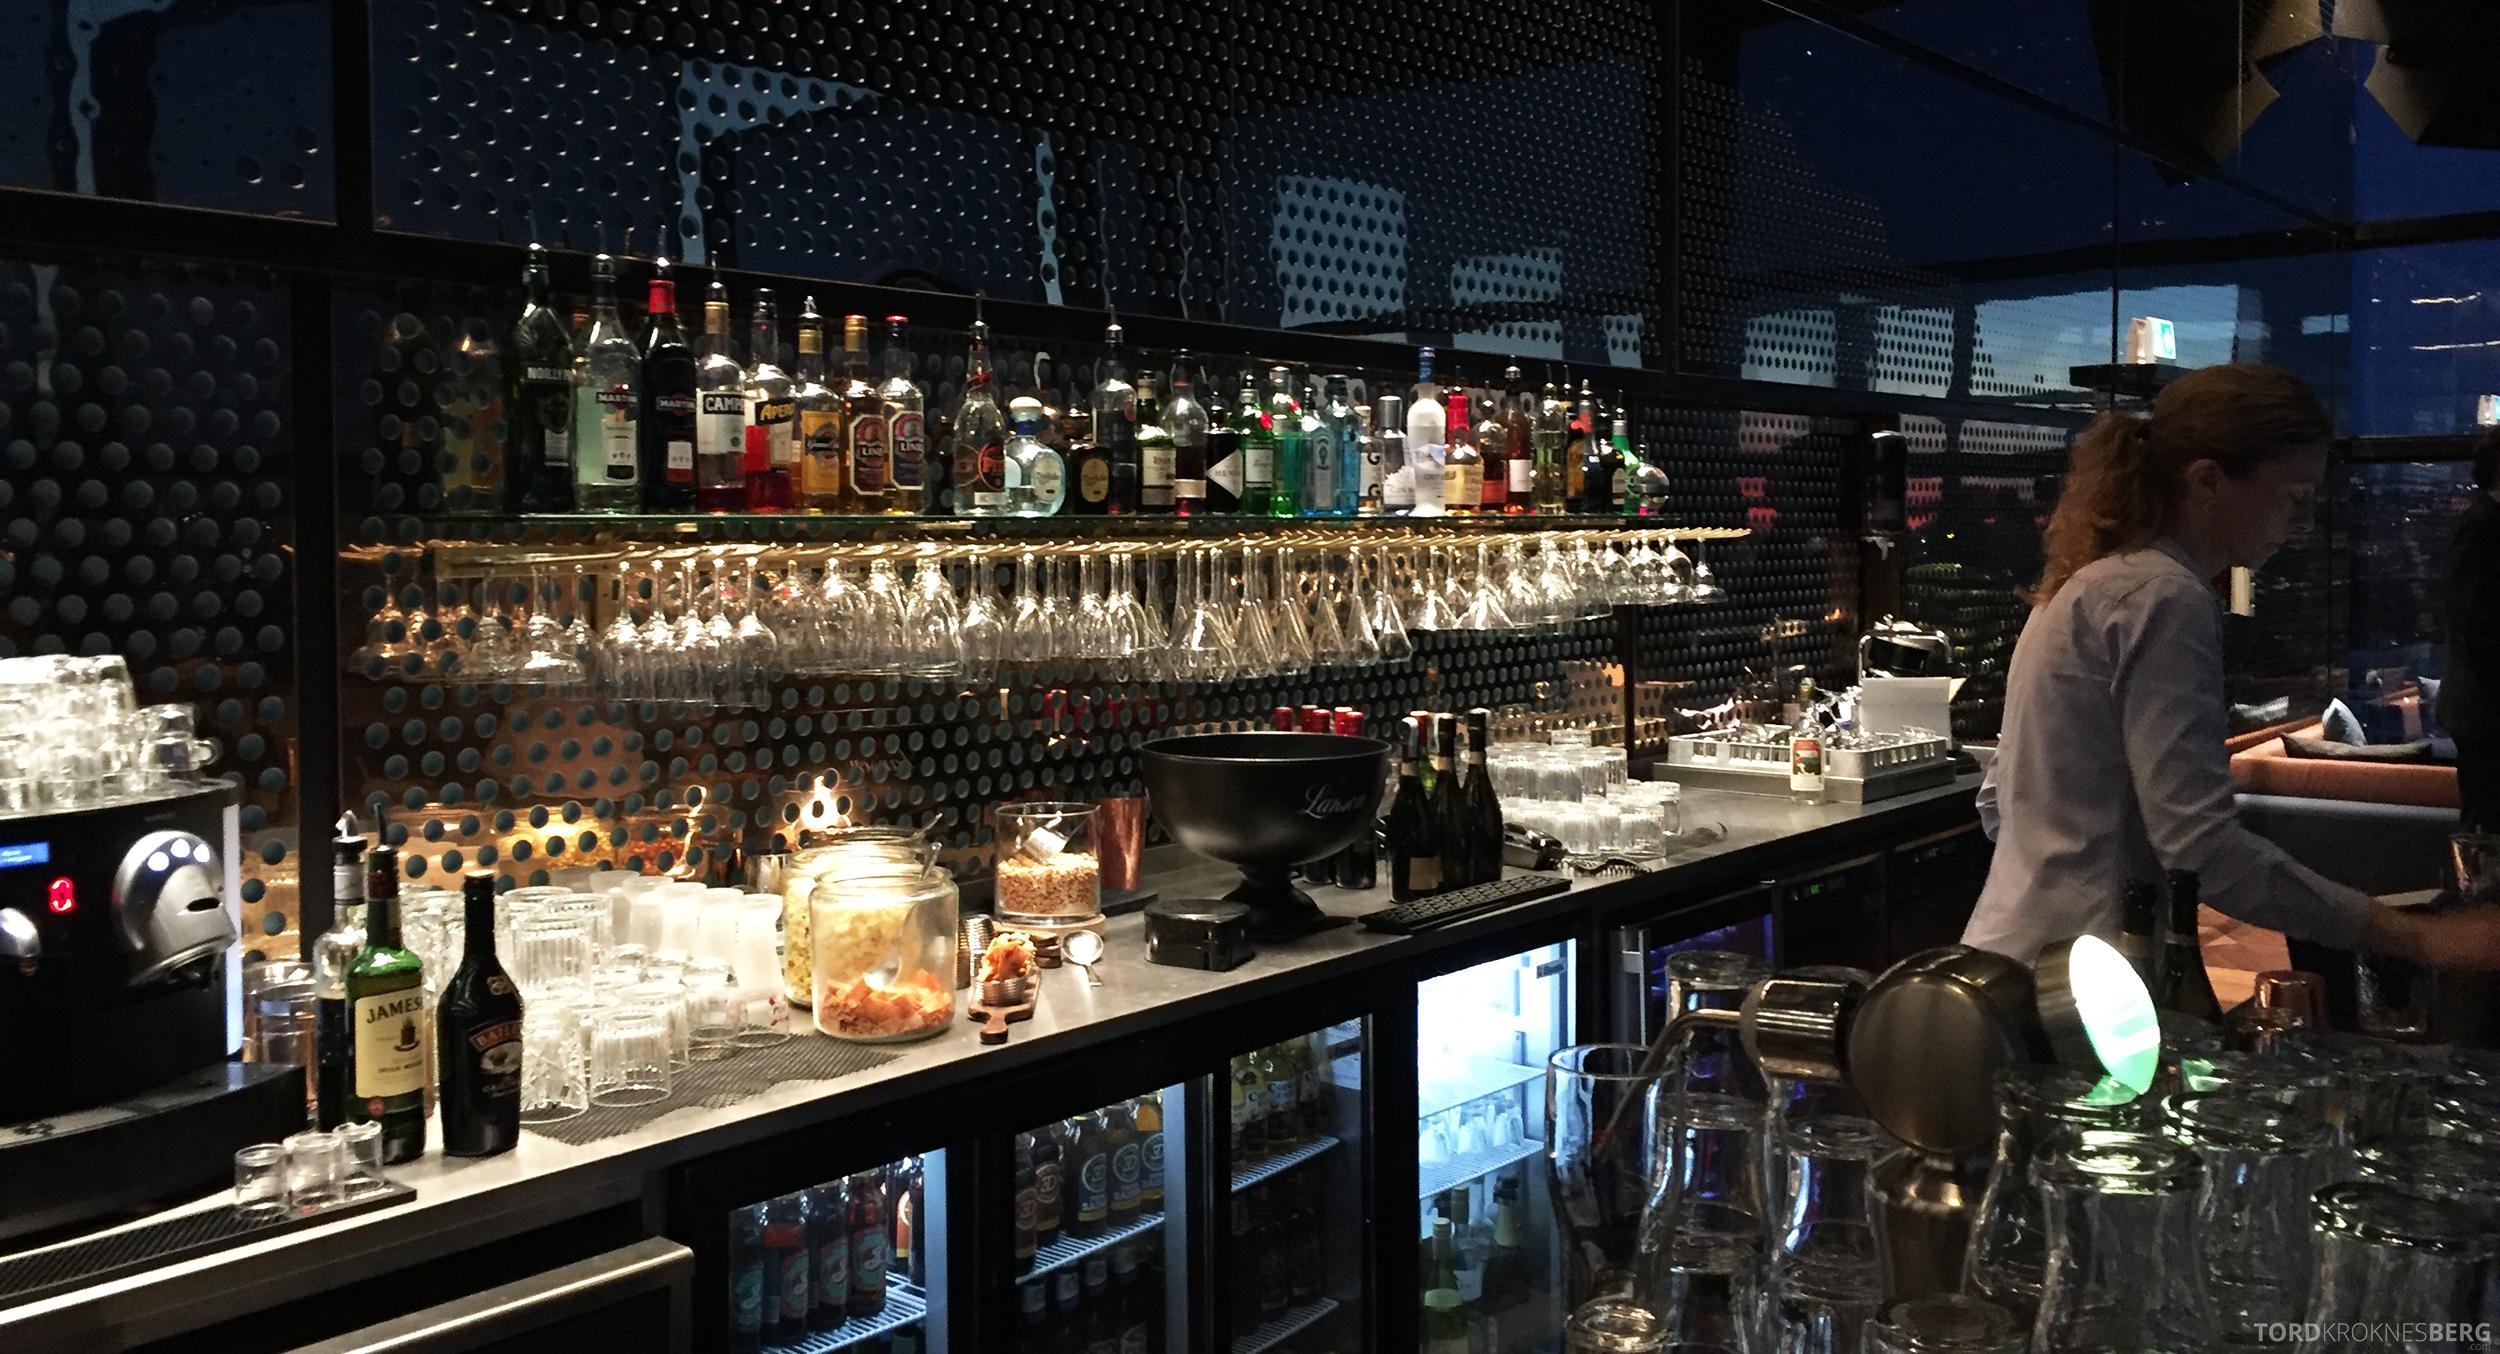 Summit Bar Oslo utvalg